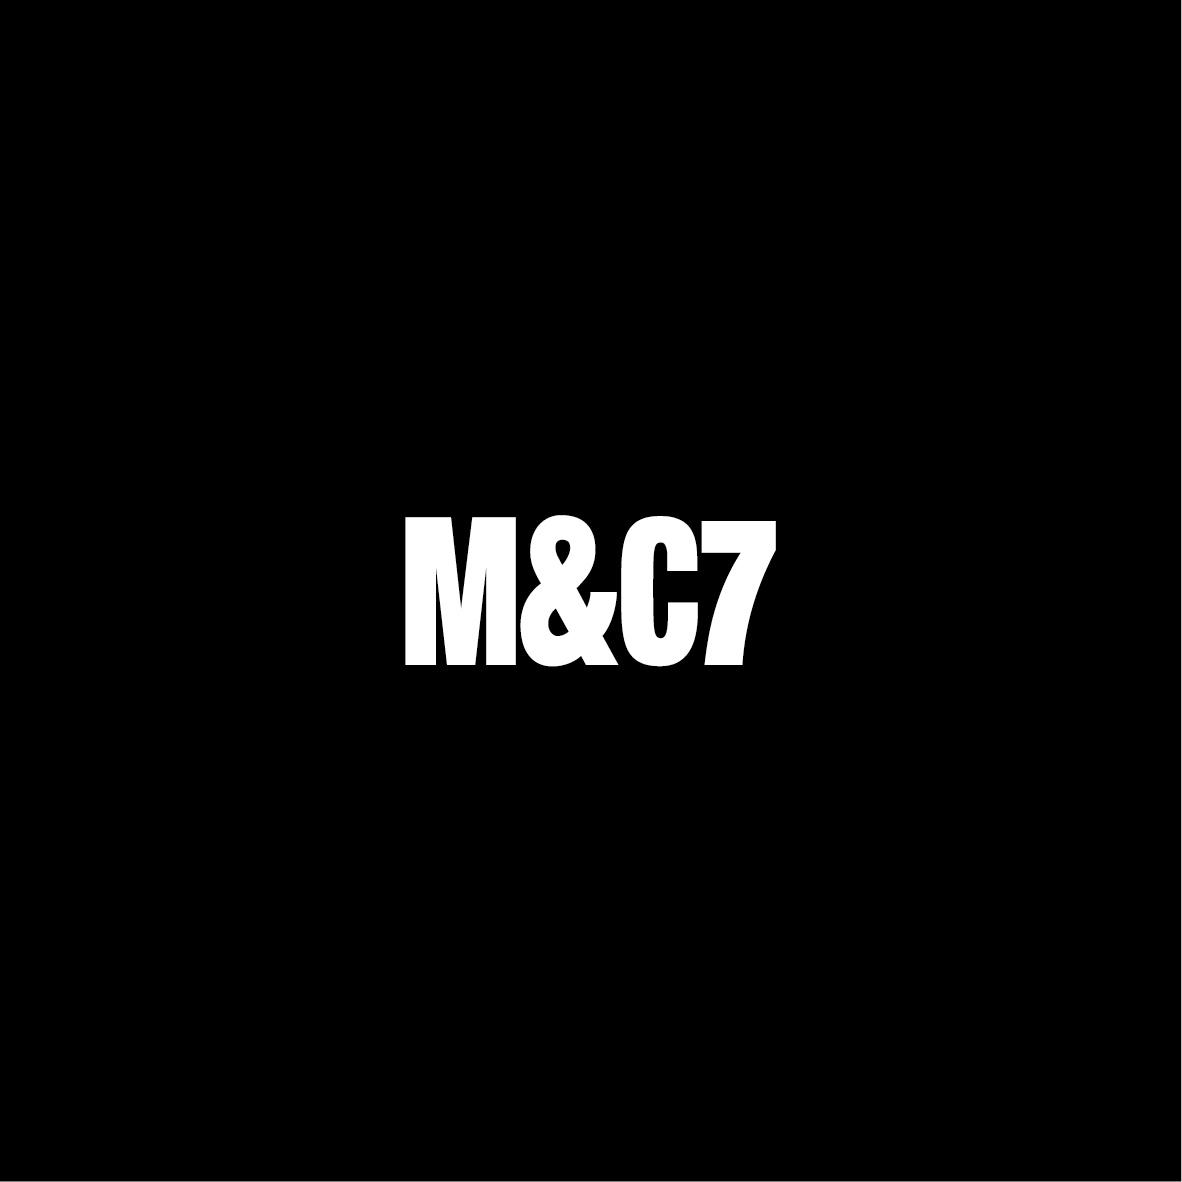 M&C7_Square-08